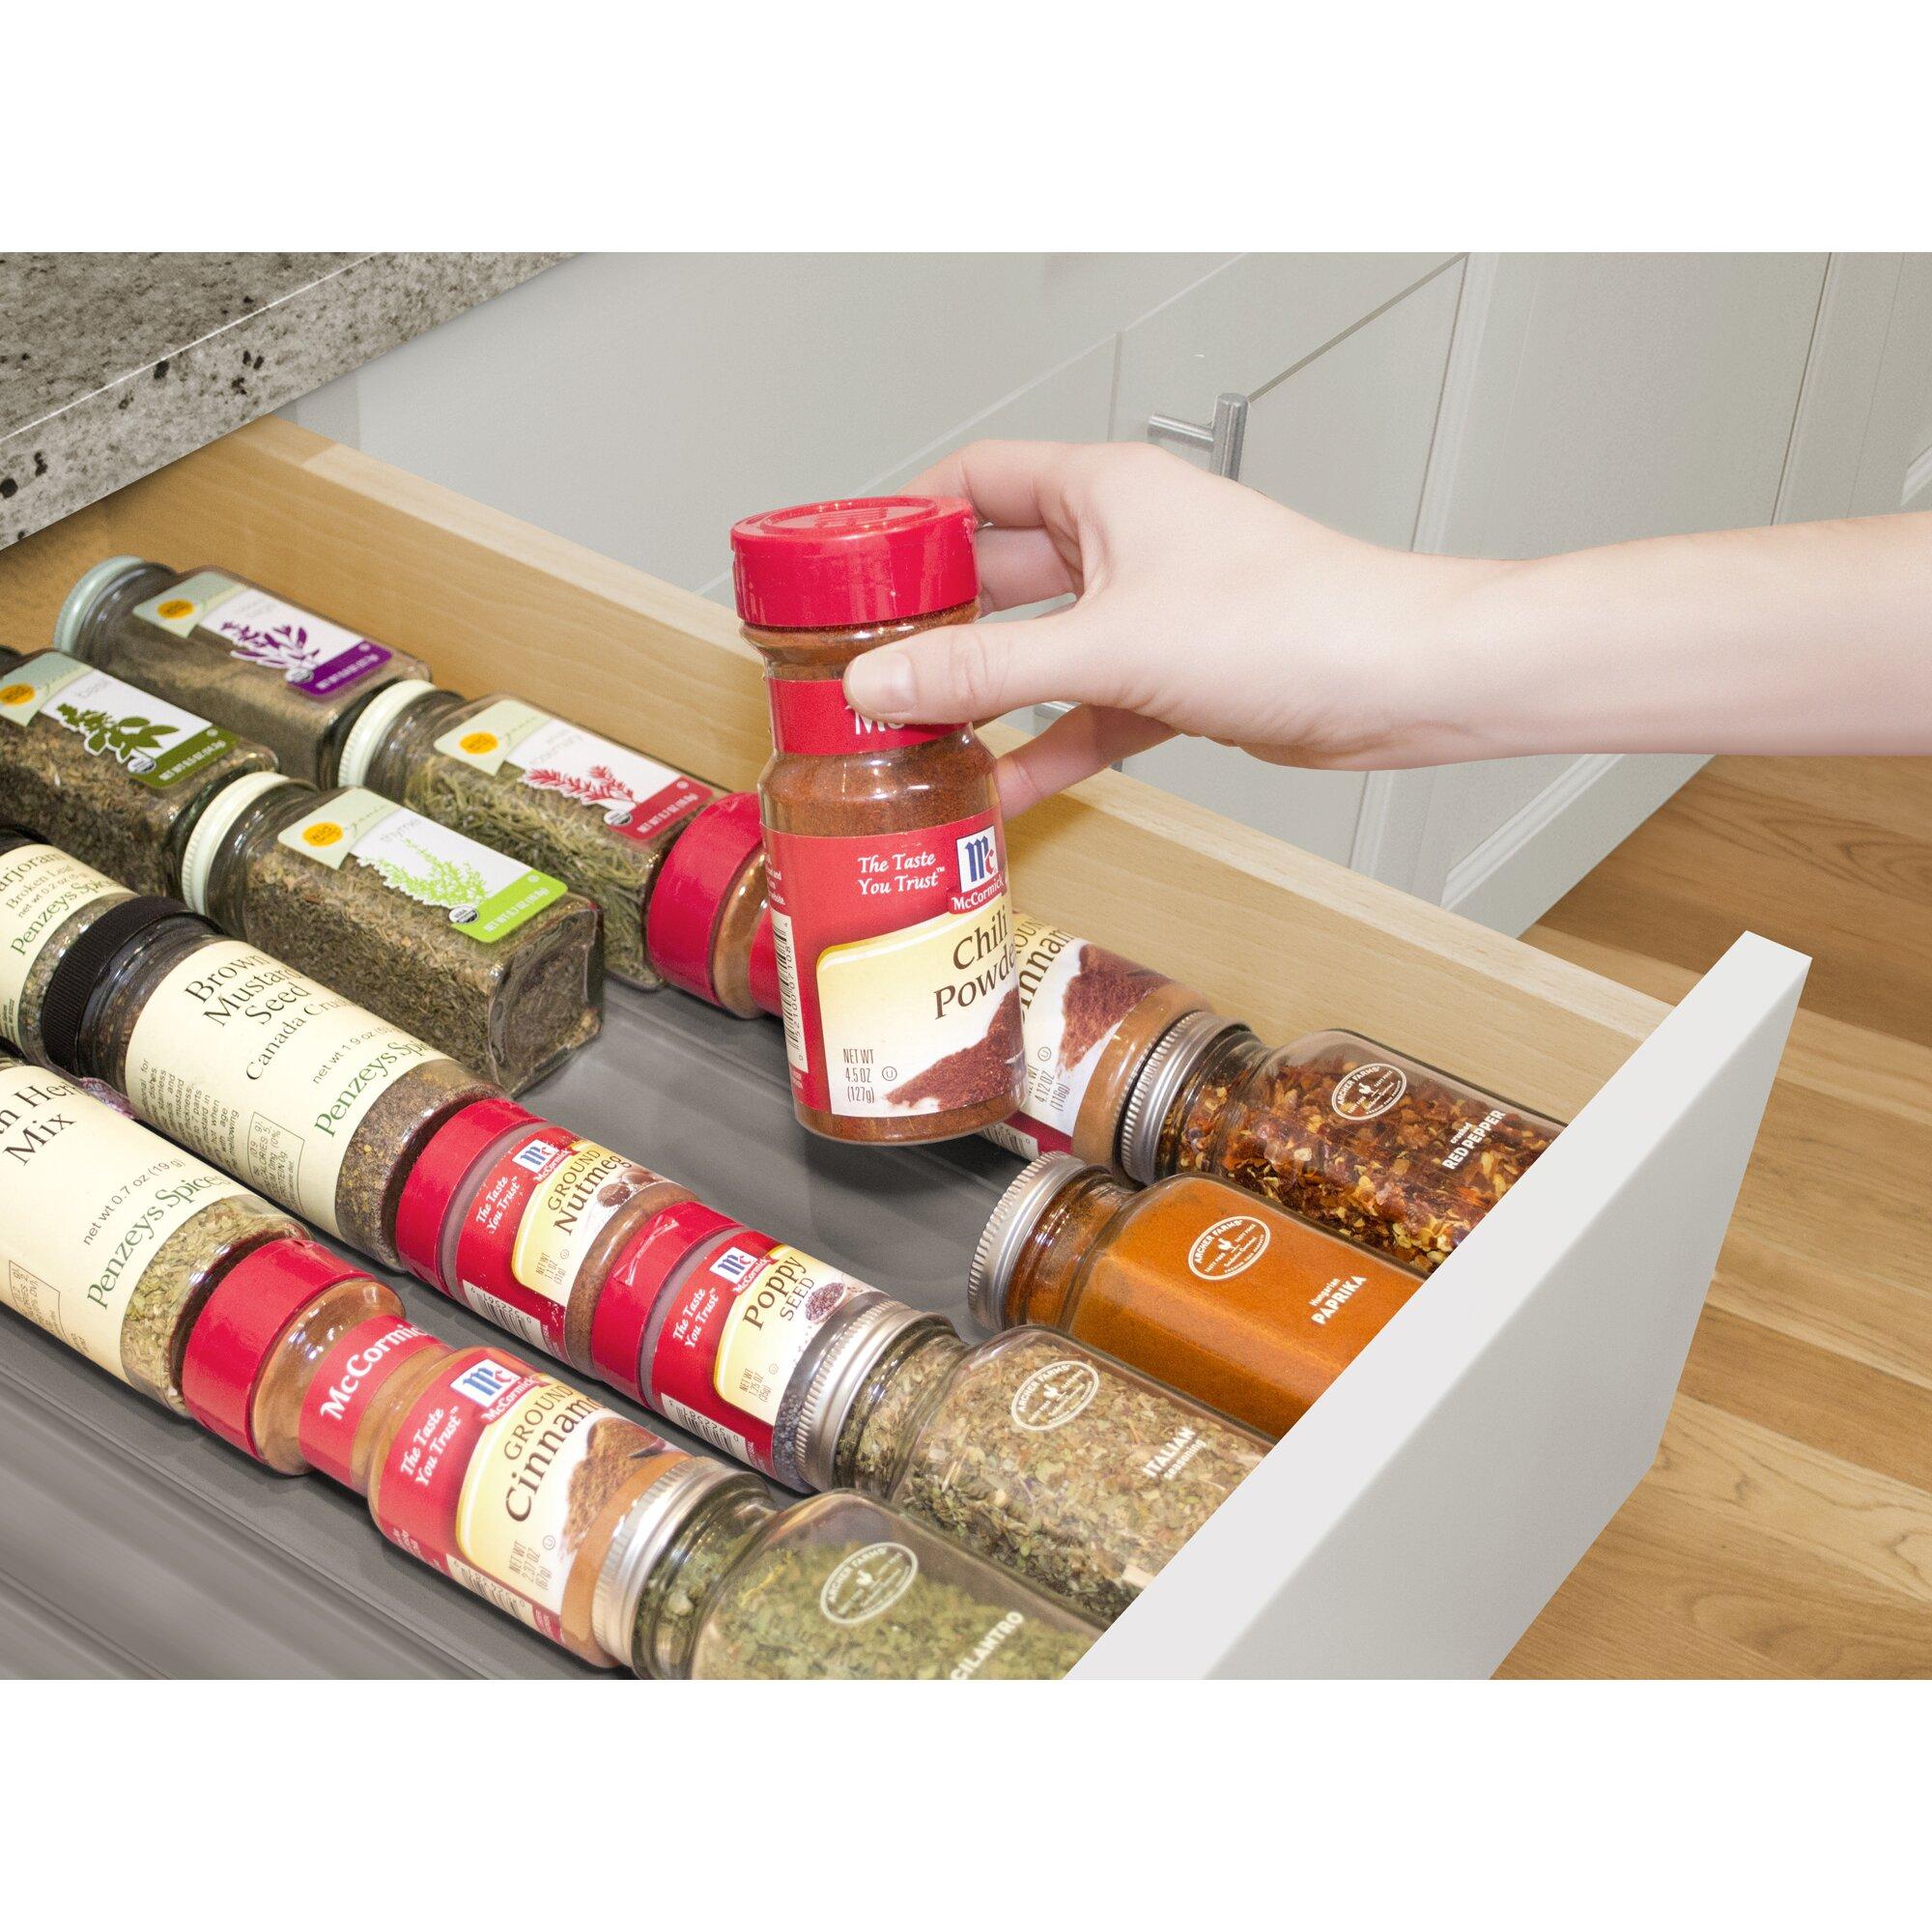 Kitchen drawer inserts for spices - Kitchen Drawer Inserts For Spices Kitchen Spice Drawer Organizer Spice Drawer Organizer